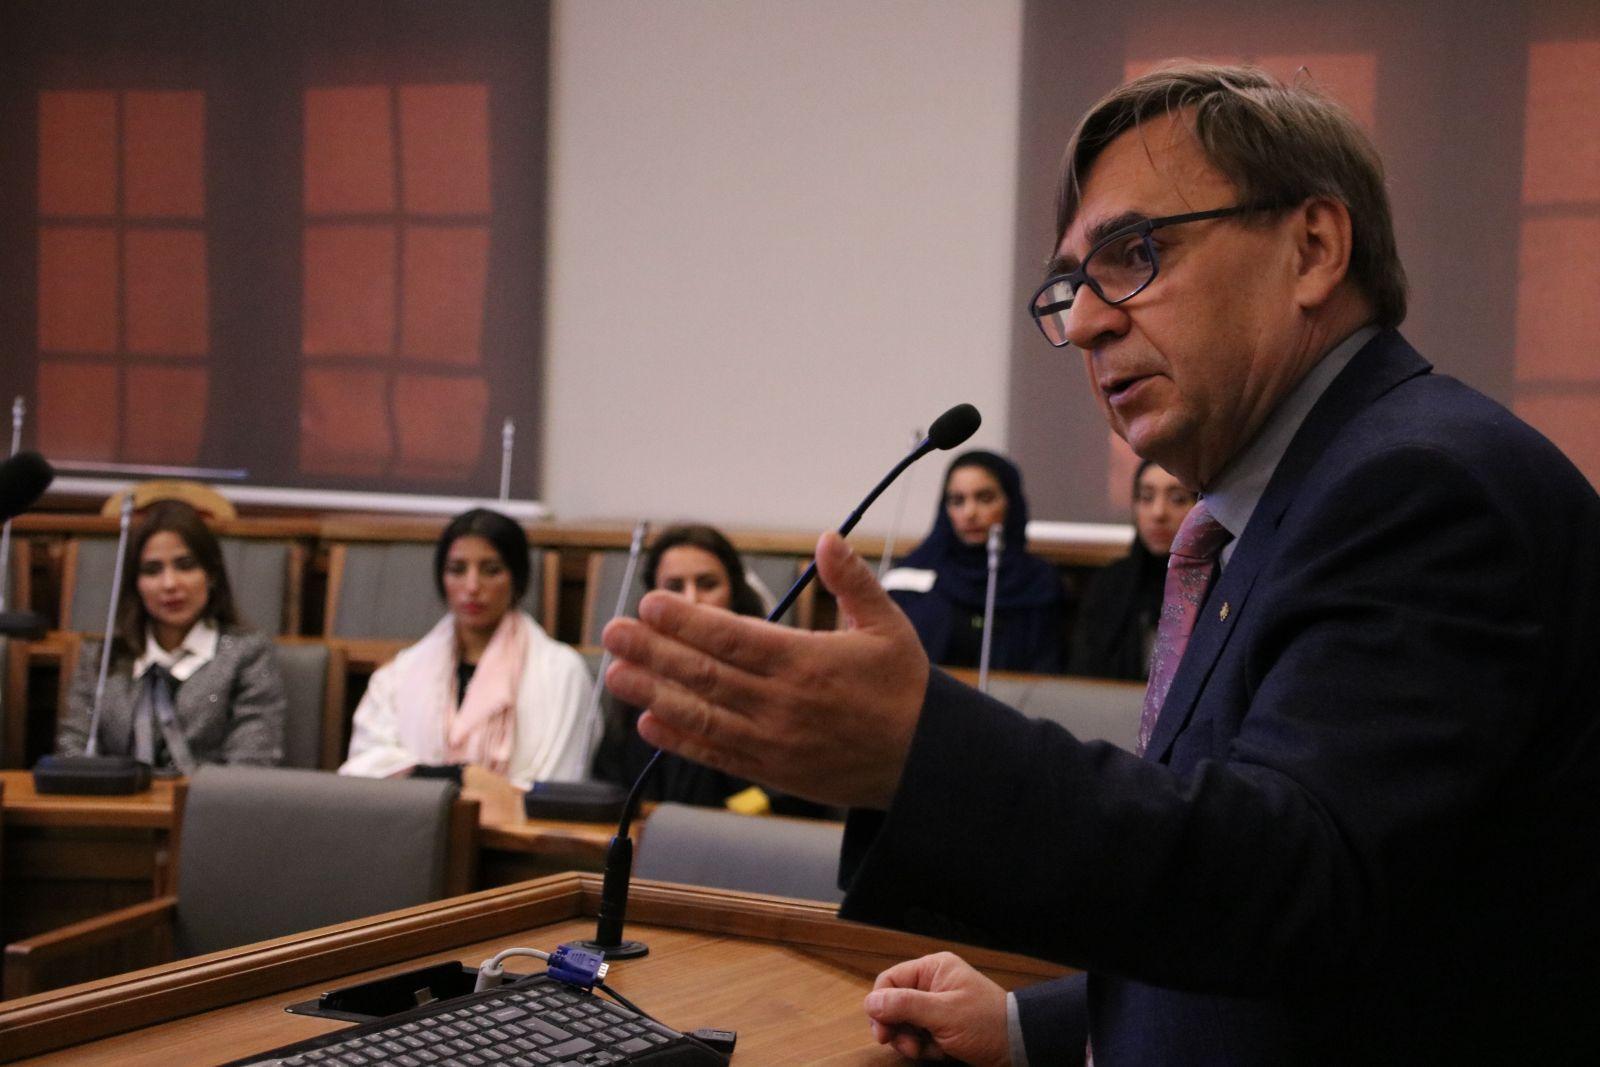 Prof. dr hab. Ryszard Naskręcki, prorektor ds. nauki i współpracy międzynarodowej, podczas spotkania z delegacją